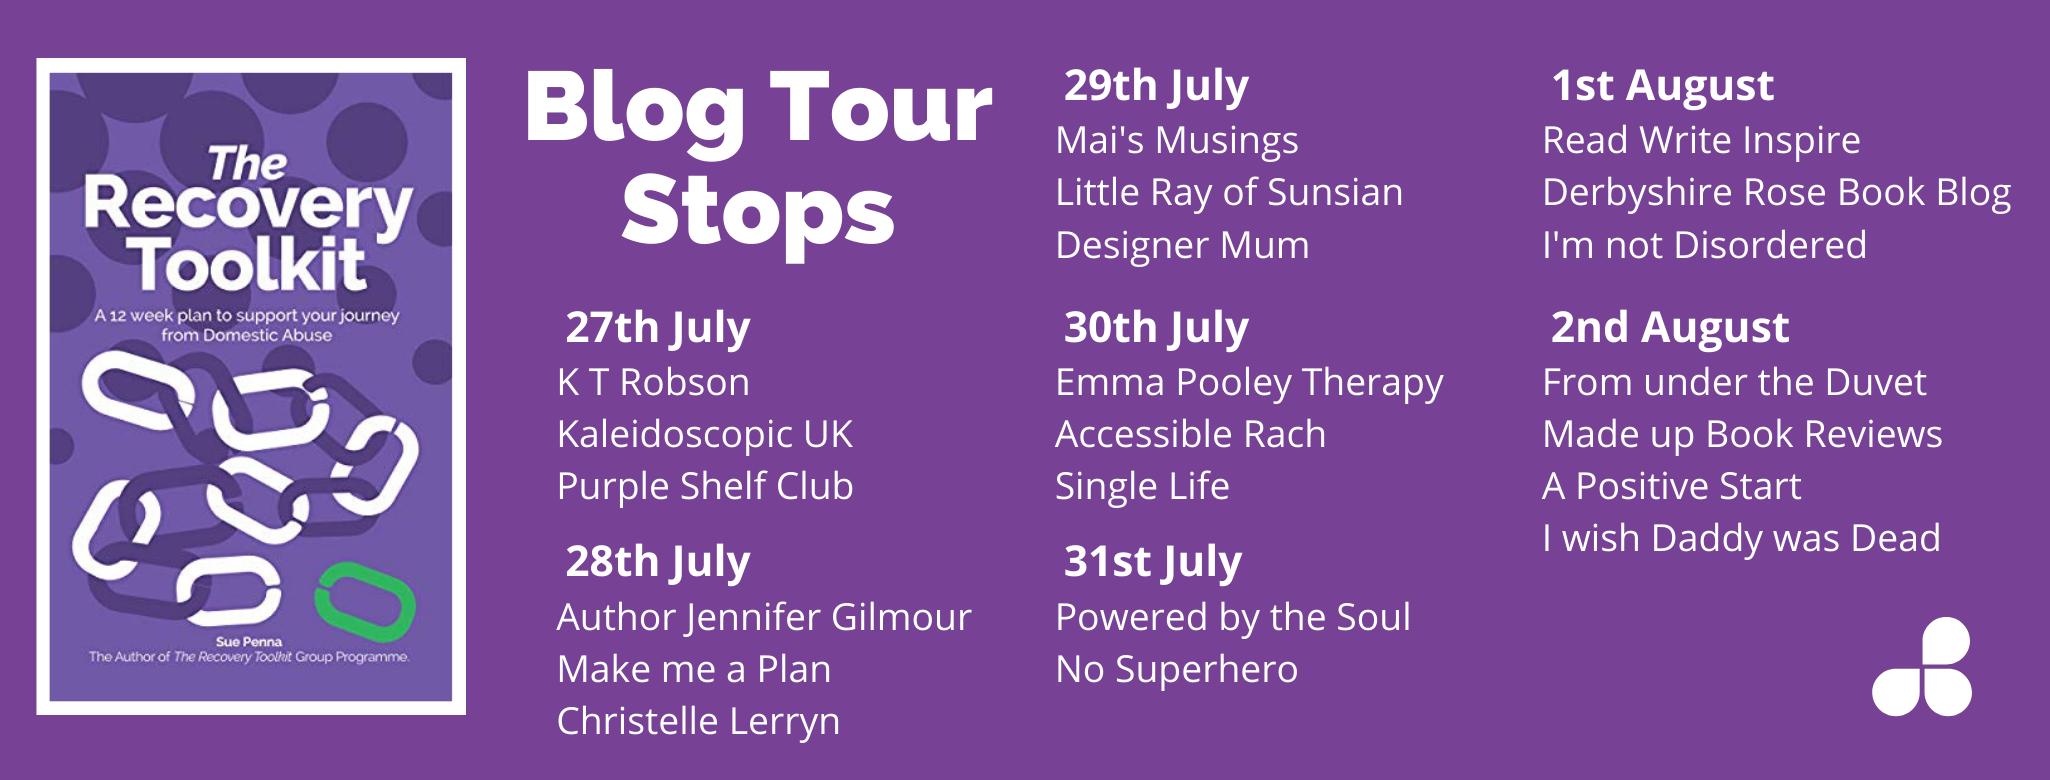 Blog Tour Stops